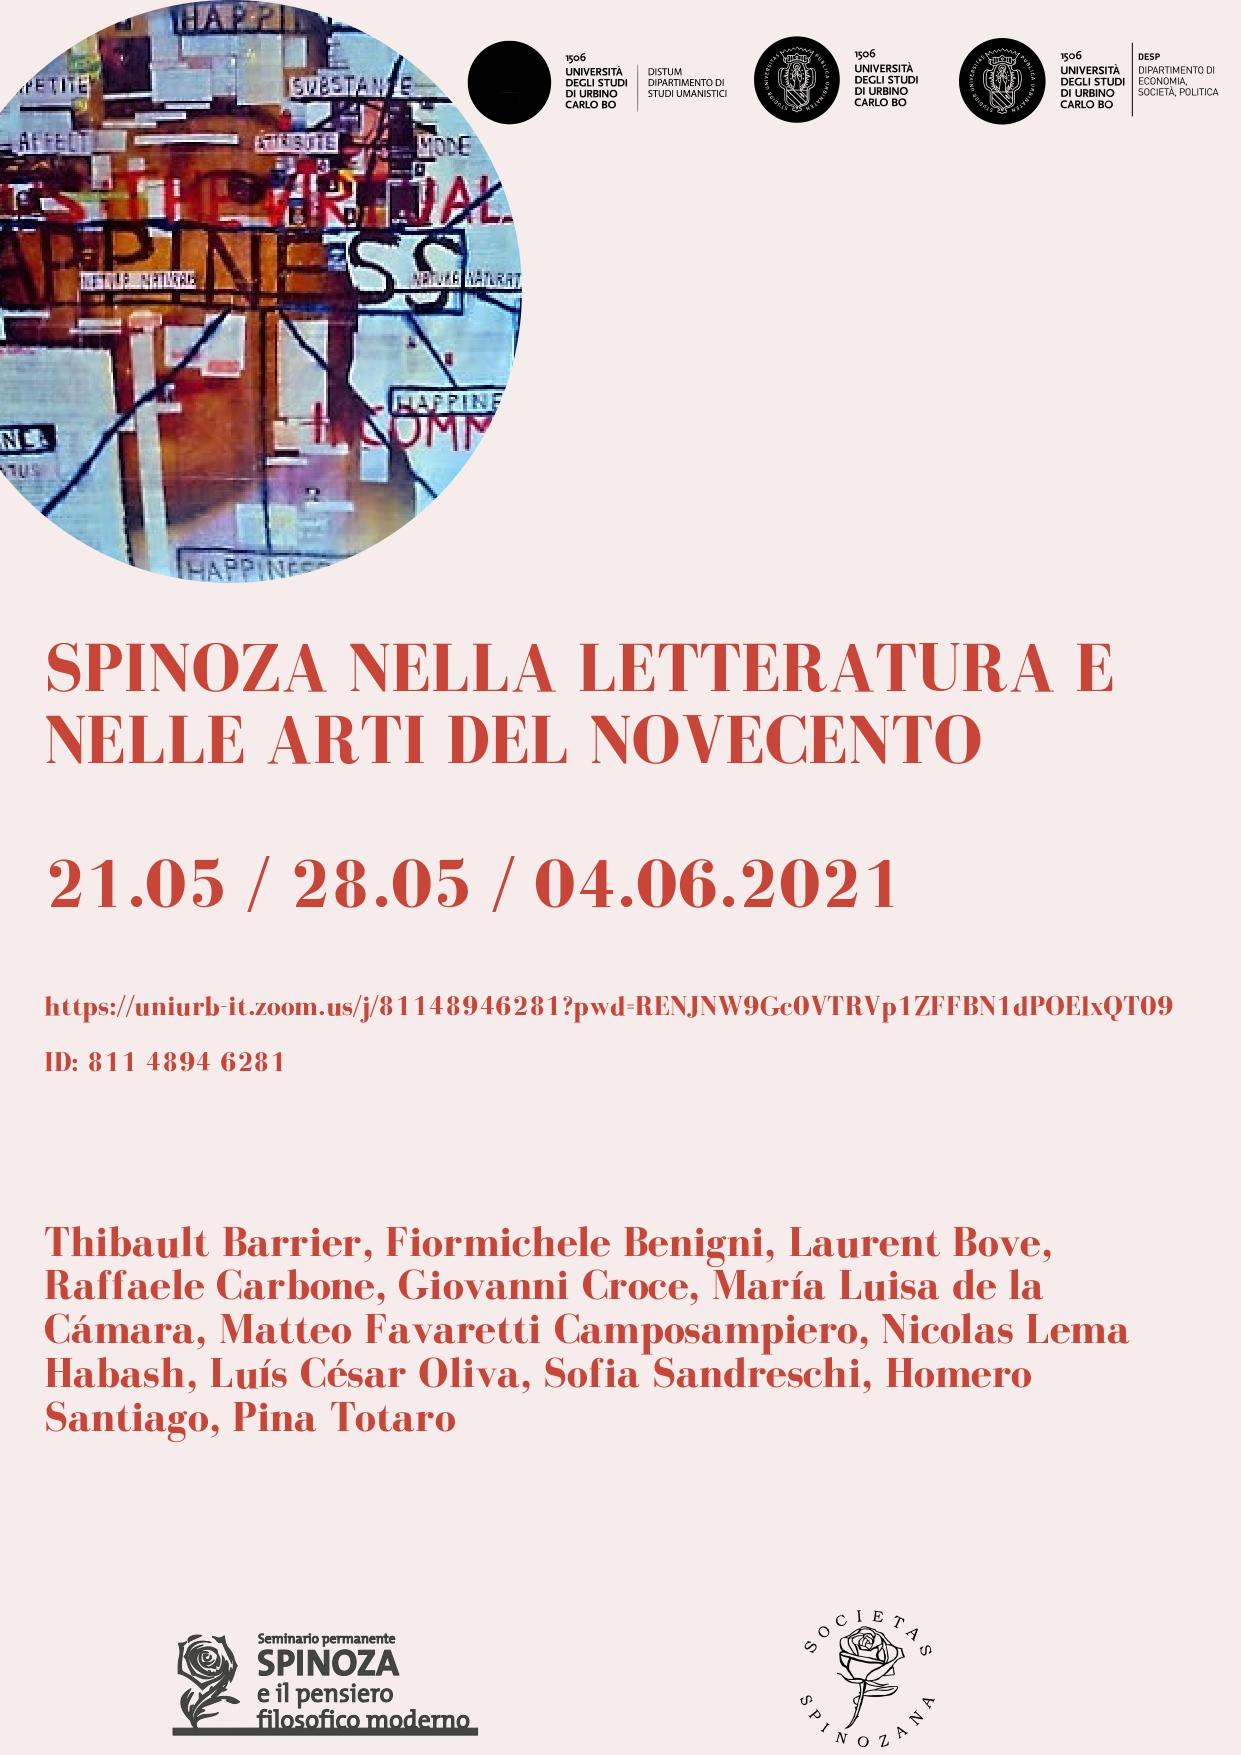 Spinoza nella letteratura del Novecento